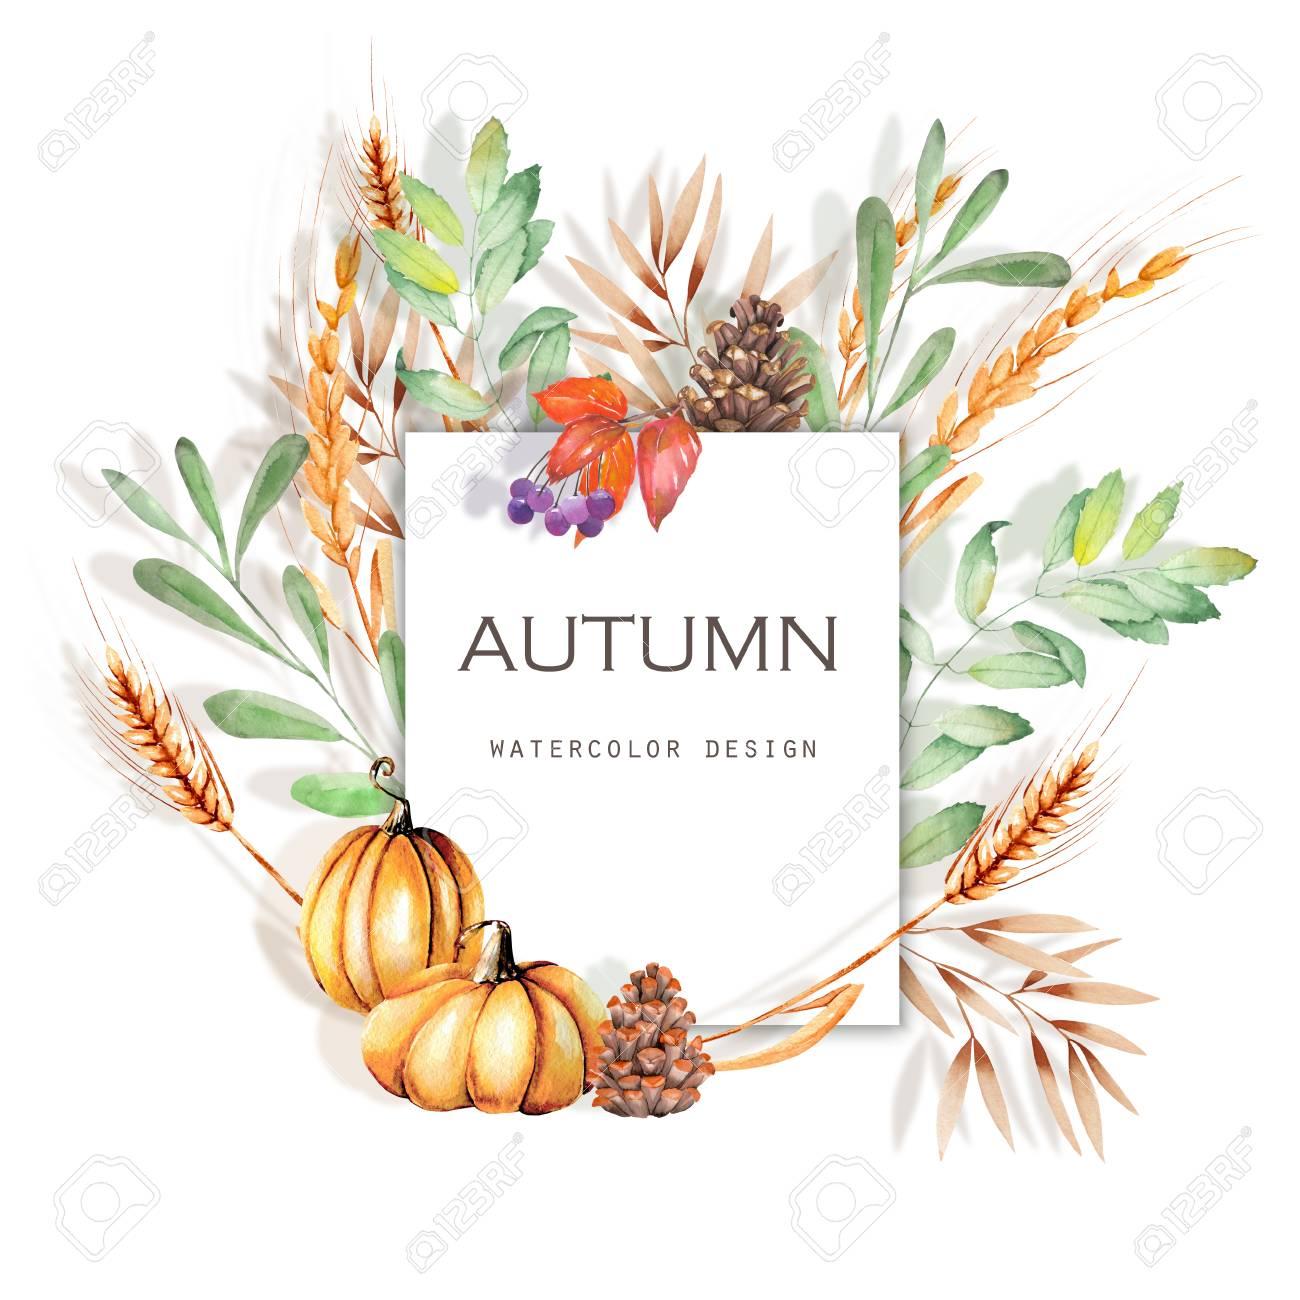 水彩の秋の花のカード イラストバナー デザインの秋白い背景の上に